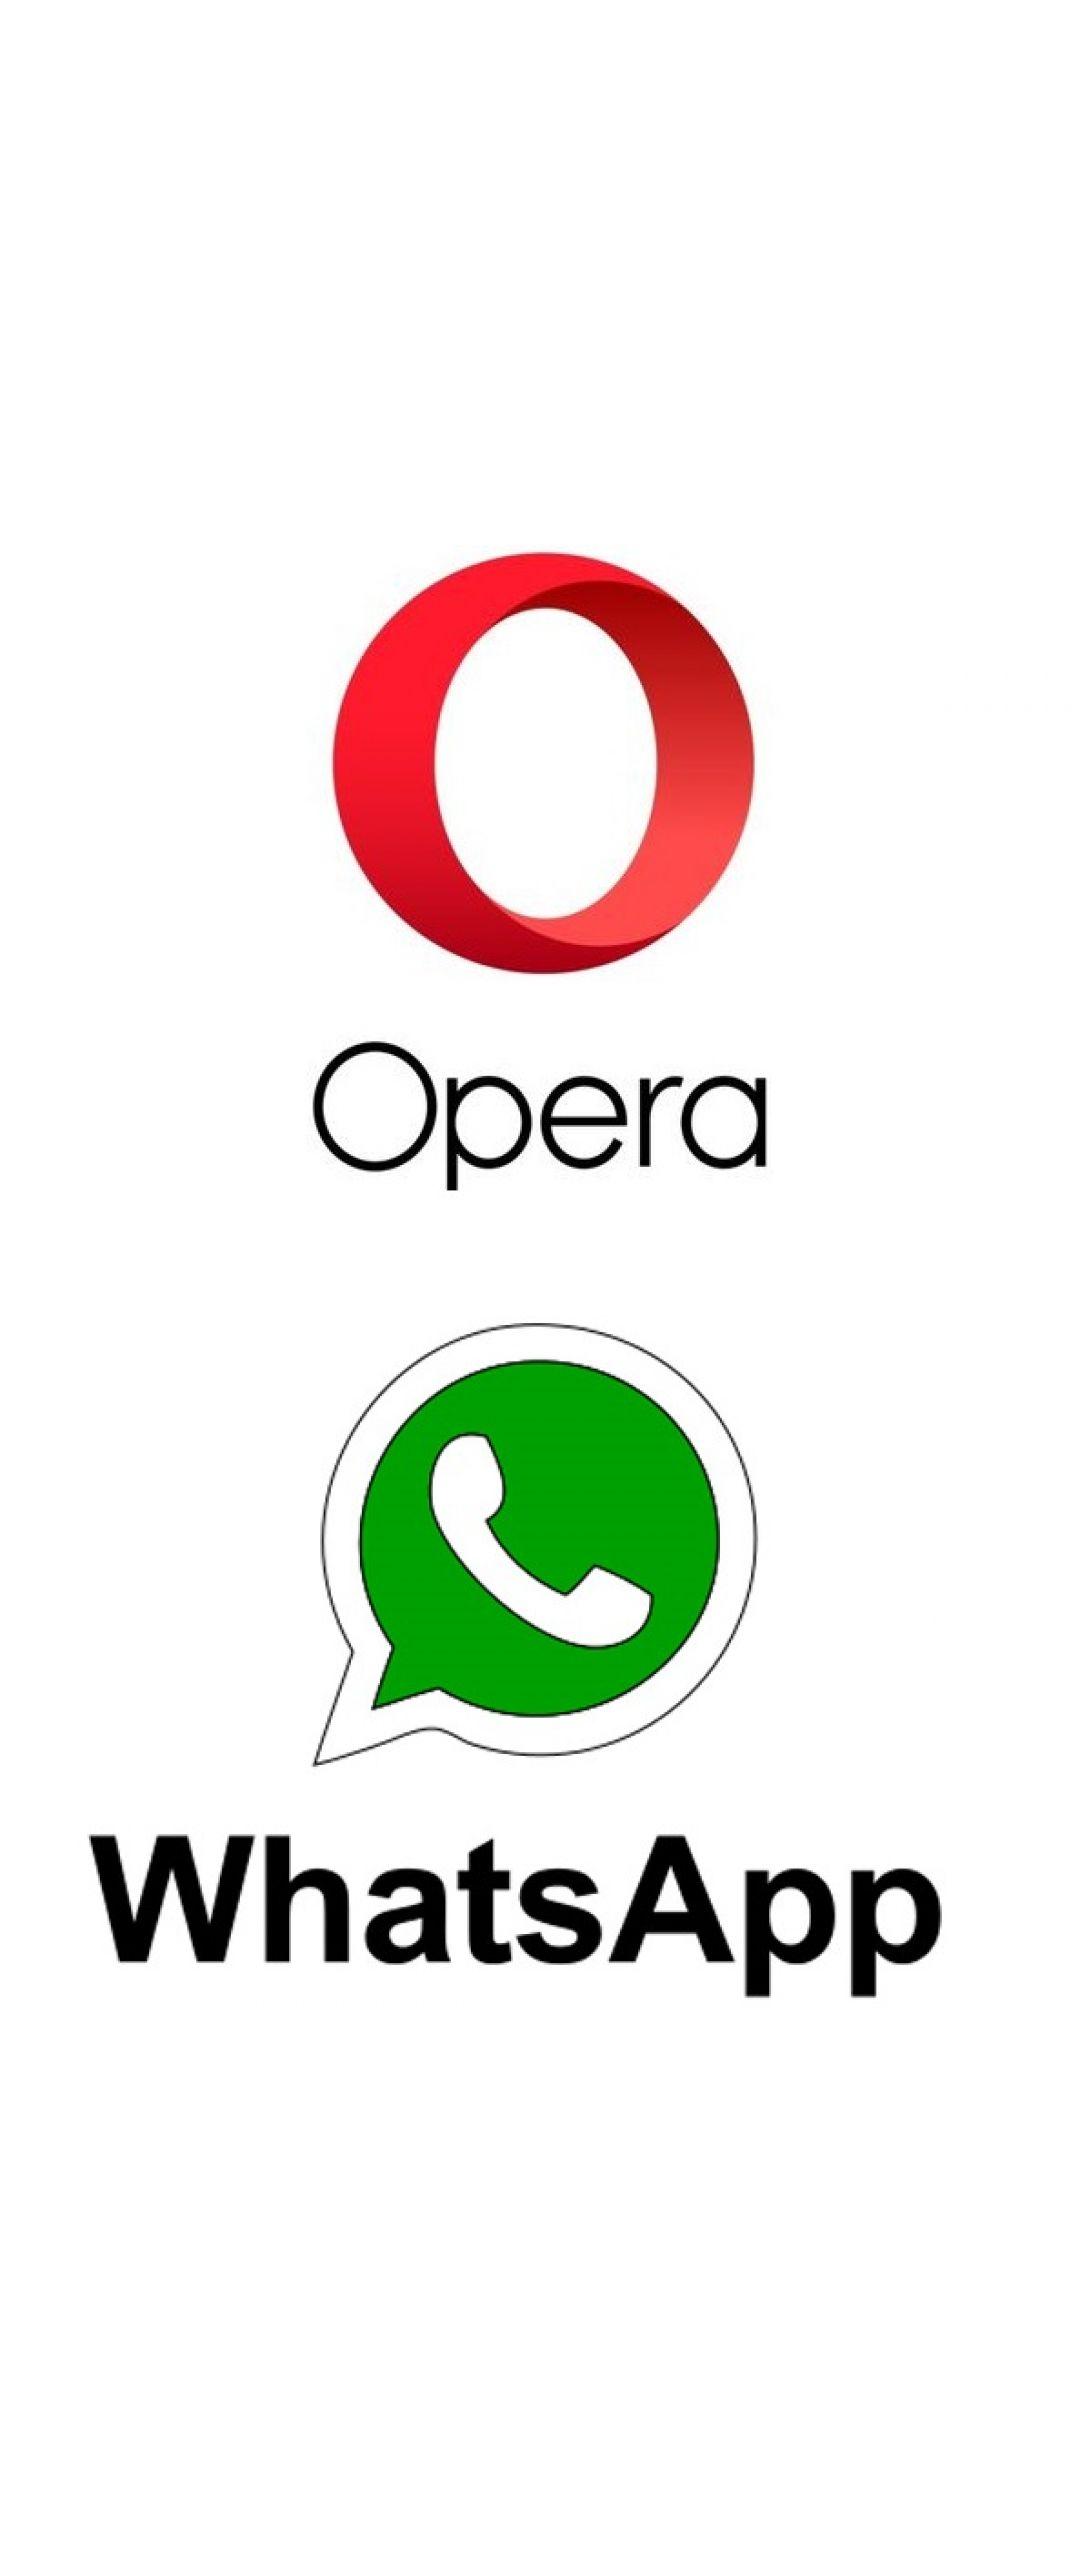 Opera renace: Nueva versión integra WhatsApp en la barra lateral